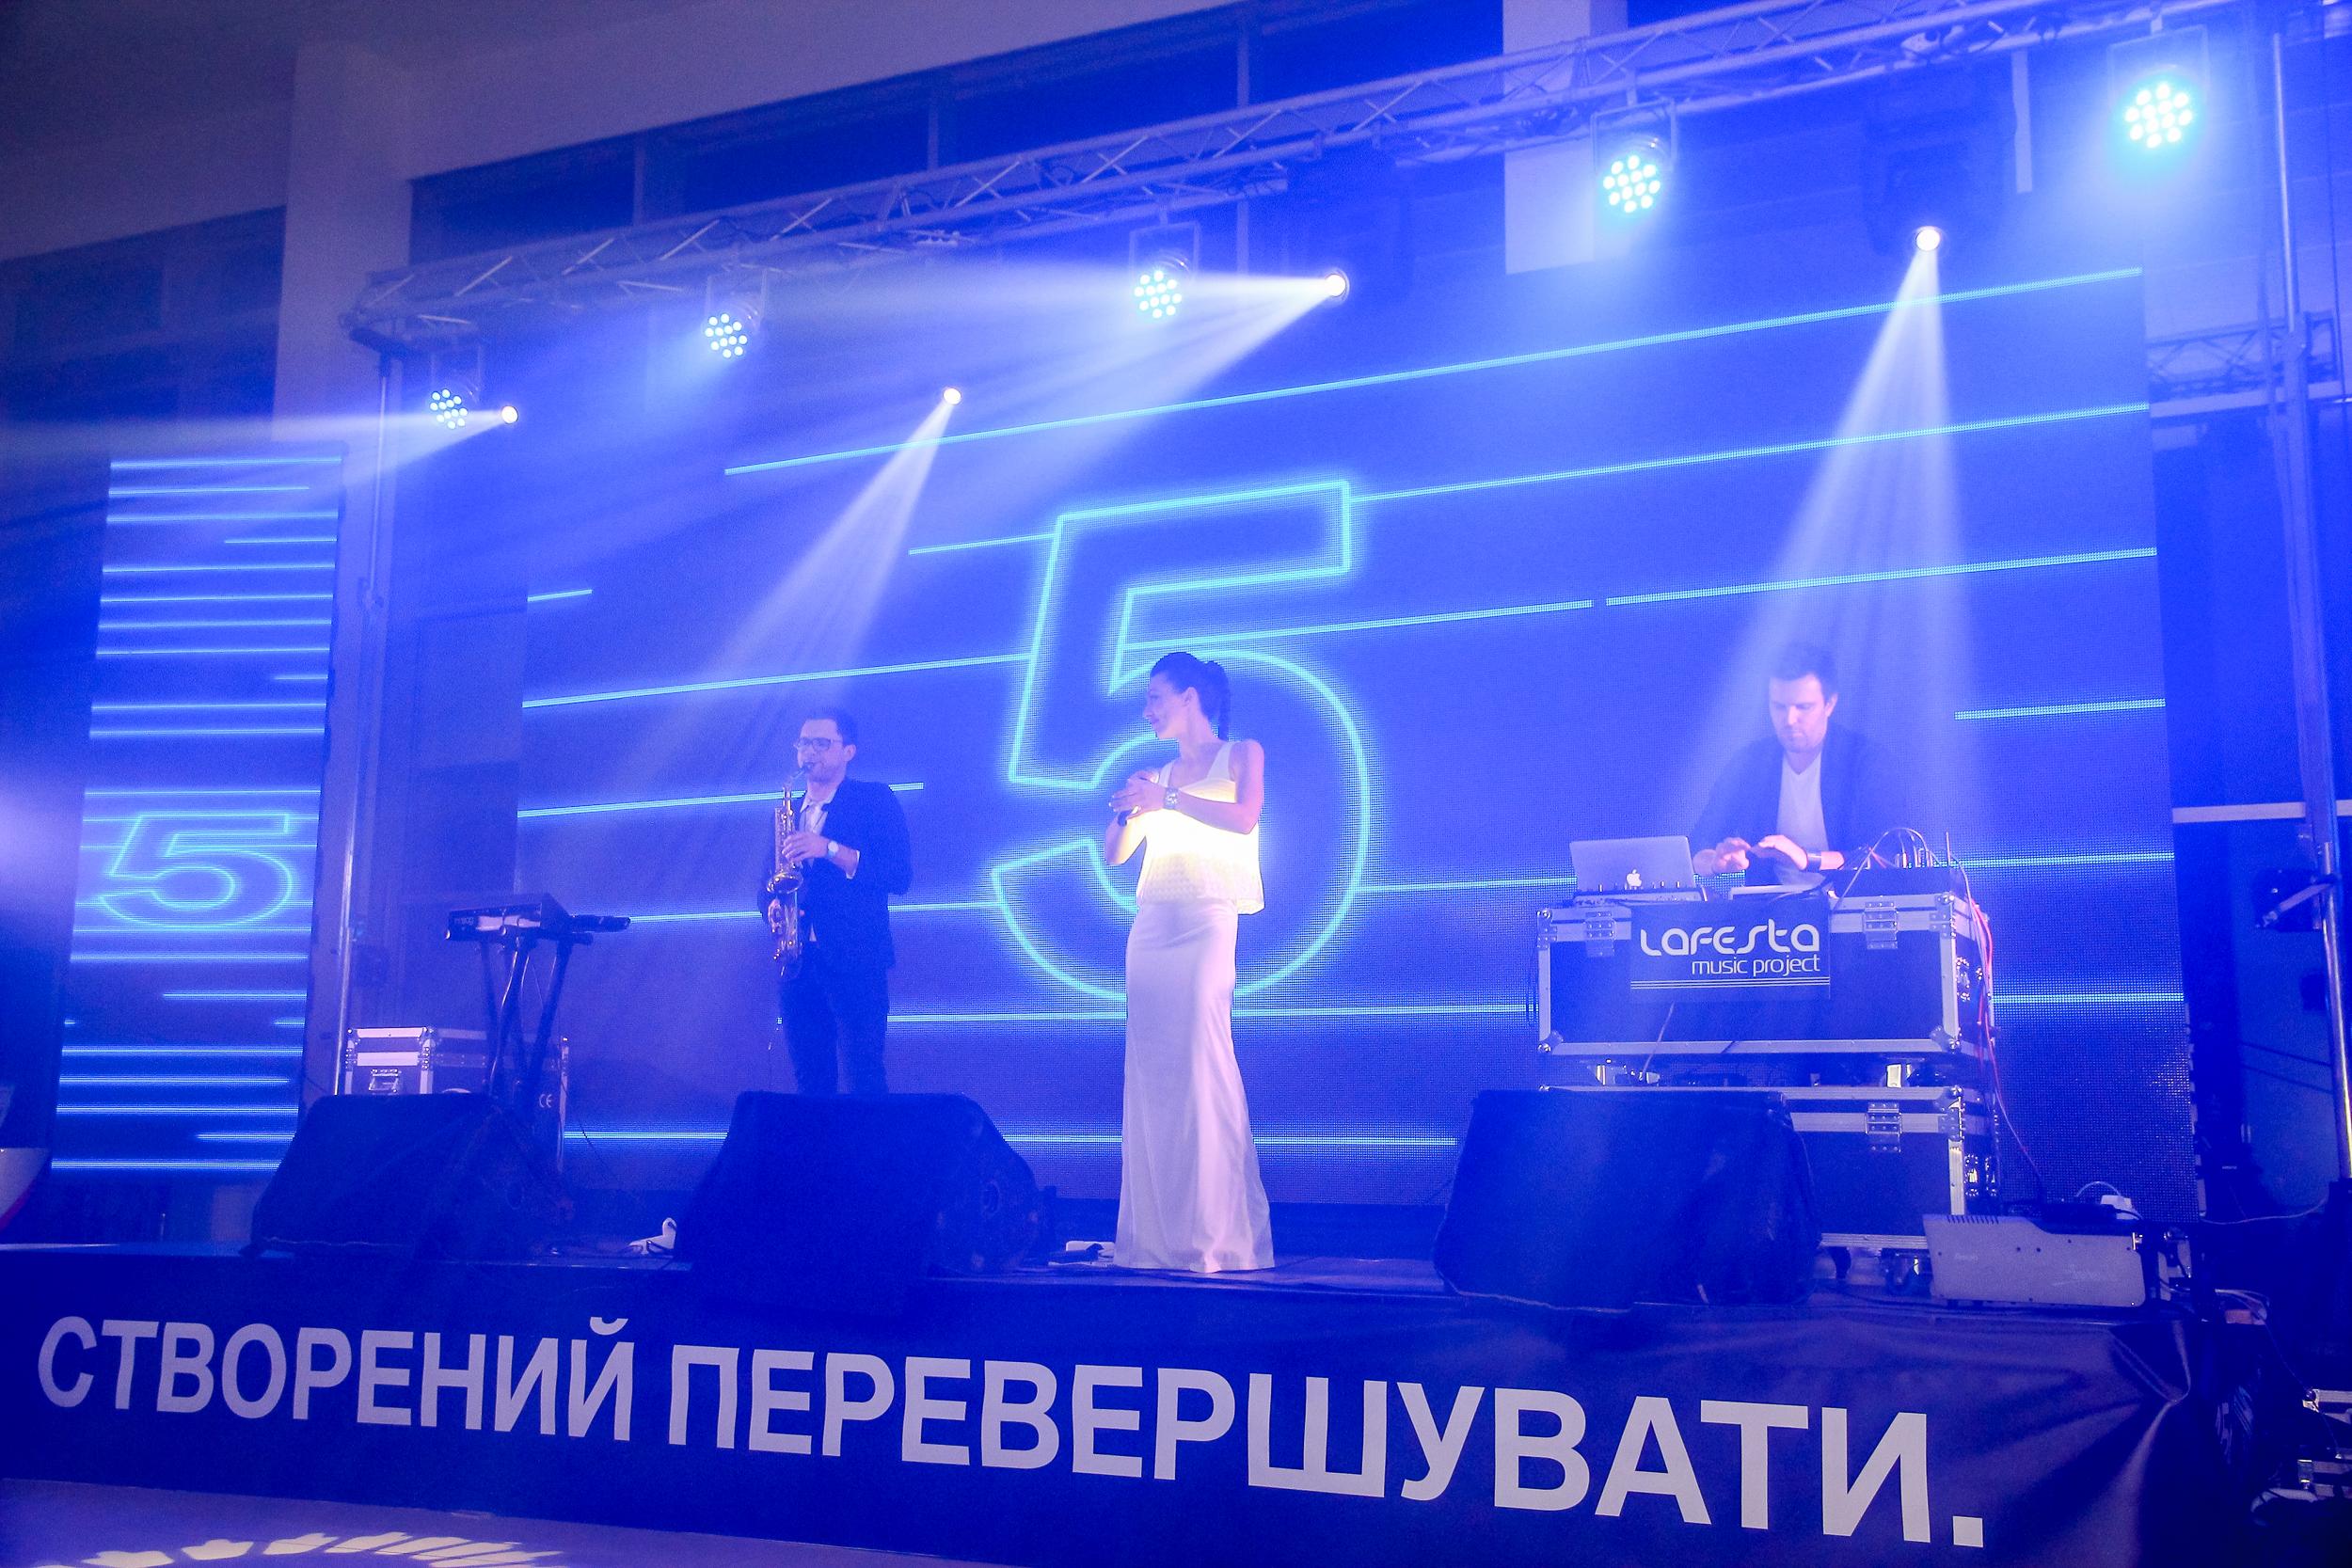 Выступление музыкального коллектива презентация BMW Бихеппи Николаев